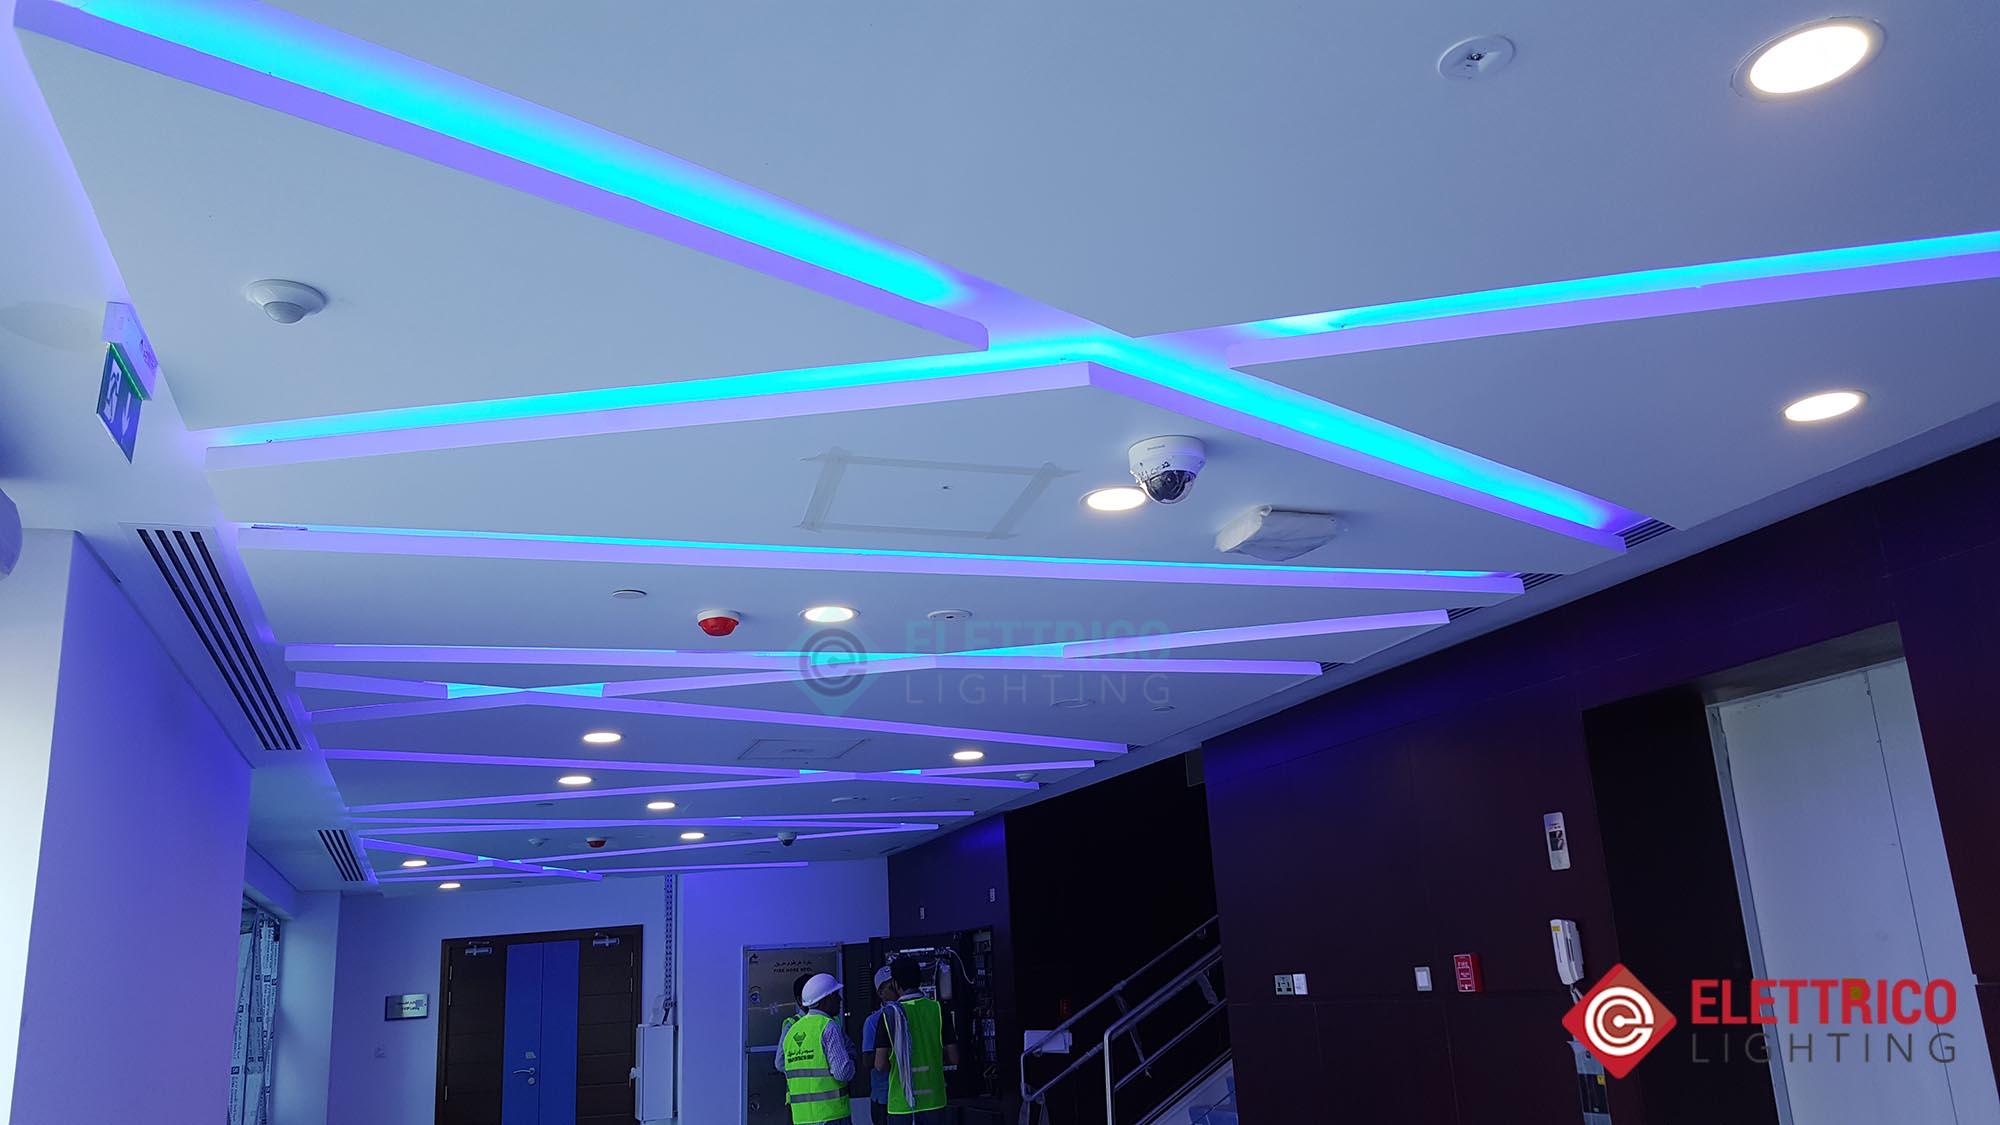 Decorative blue LED lighting of blue color